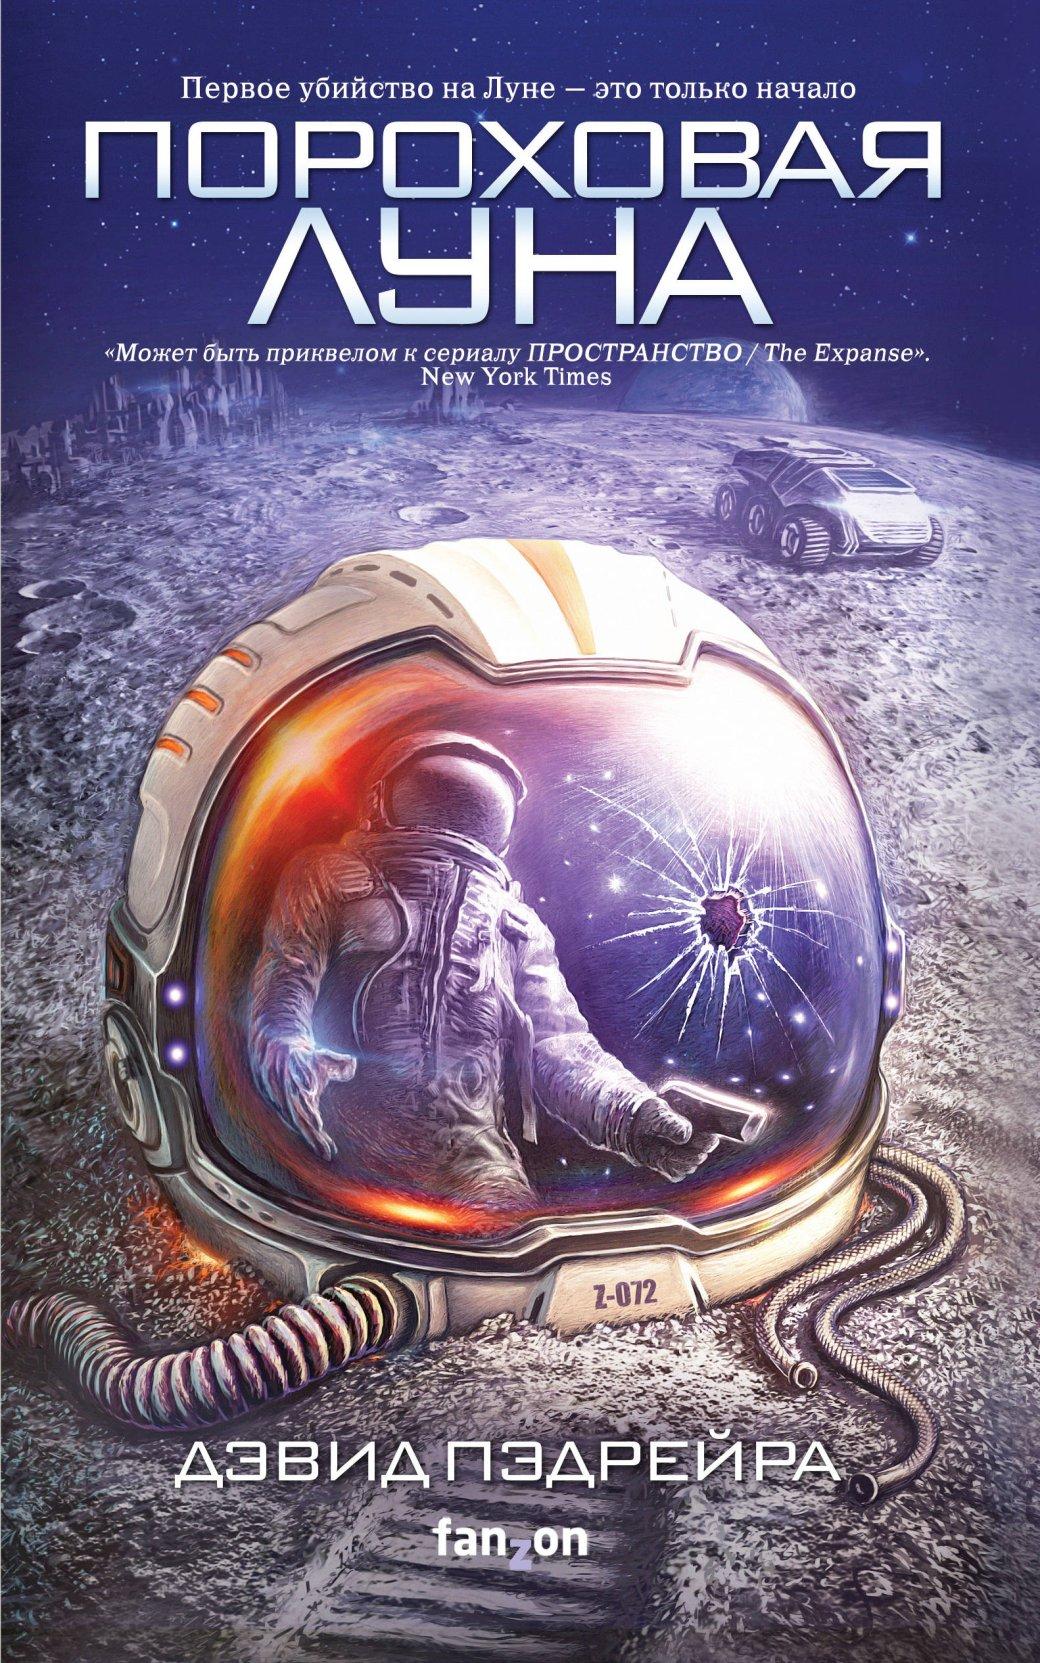 Свежие фантастические книги опокорении иисследовании Луны | Канобу - Изображение 1422